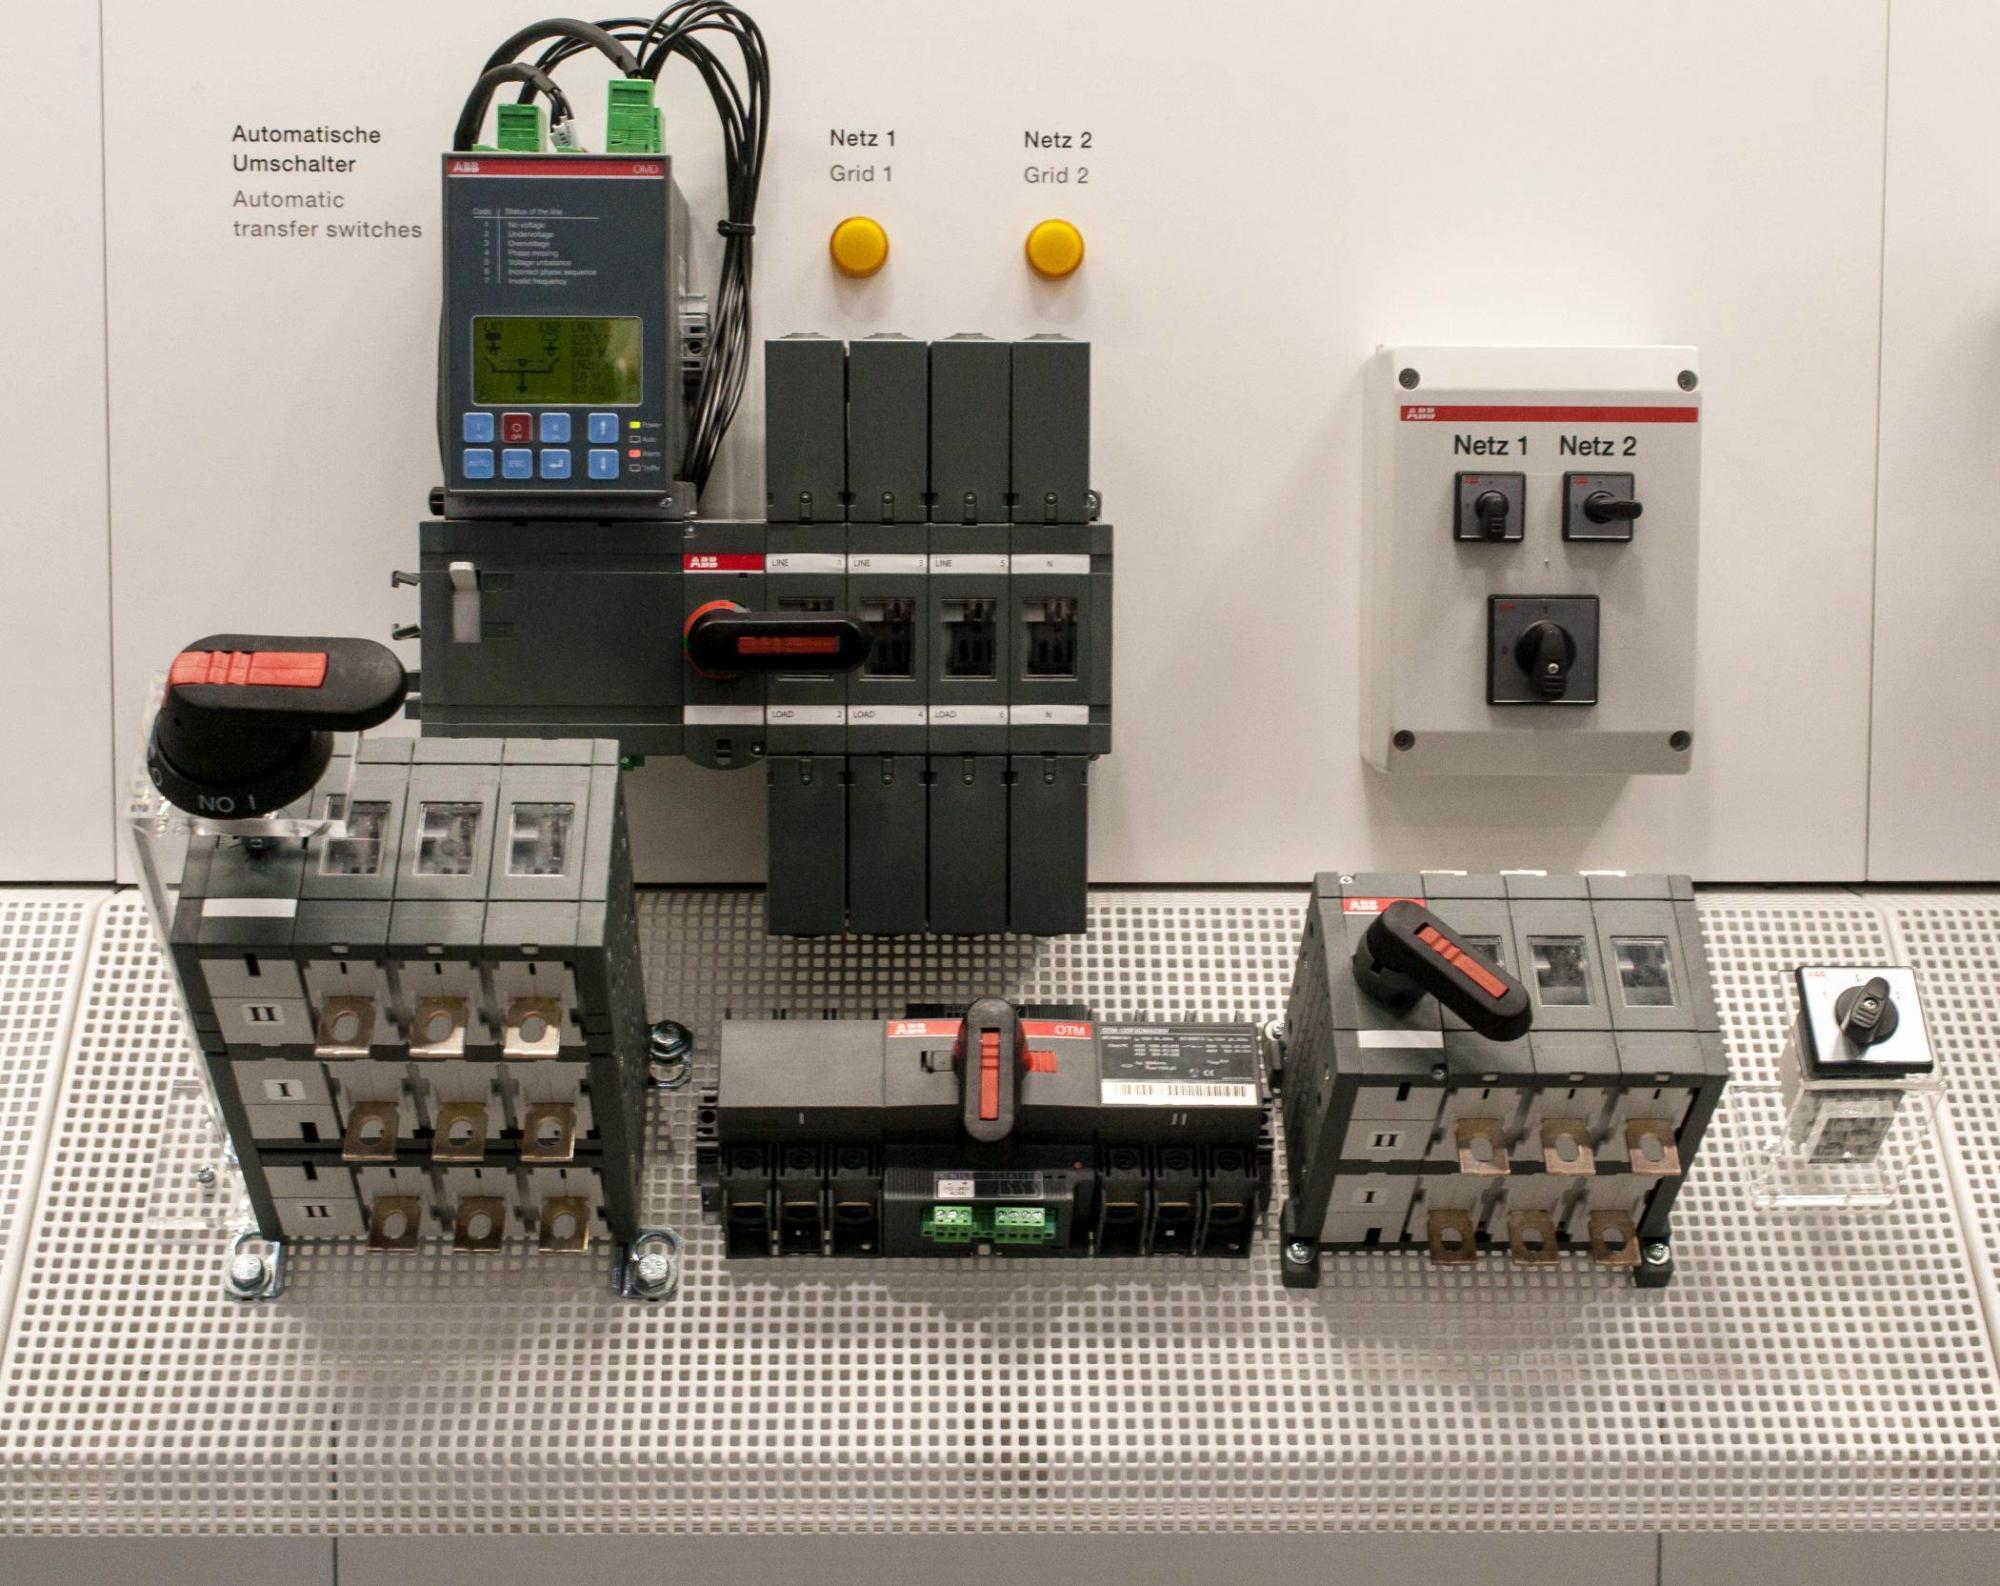 ofischer communication ist Ihre PR-Agentur für Öffentlichkeitsarbeit im Maschinen- und Anlagenbau.